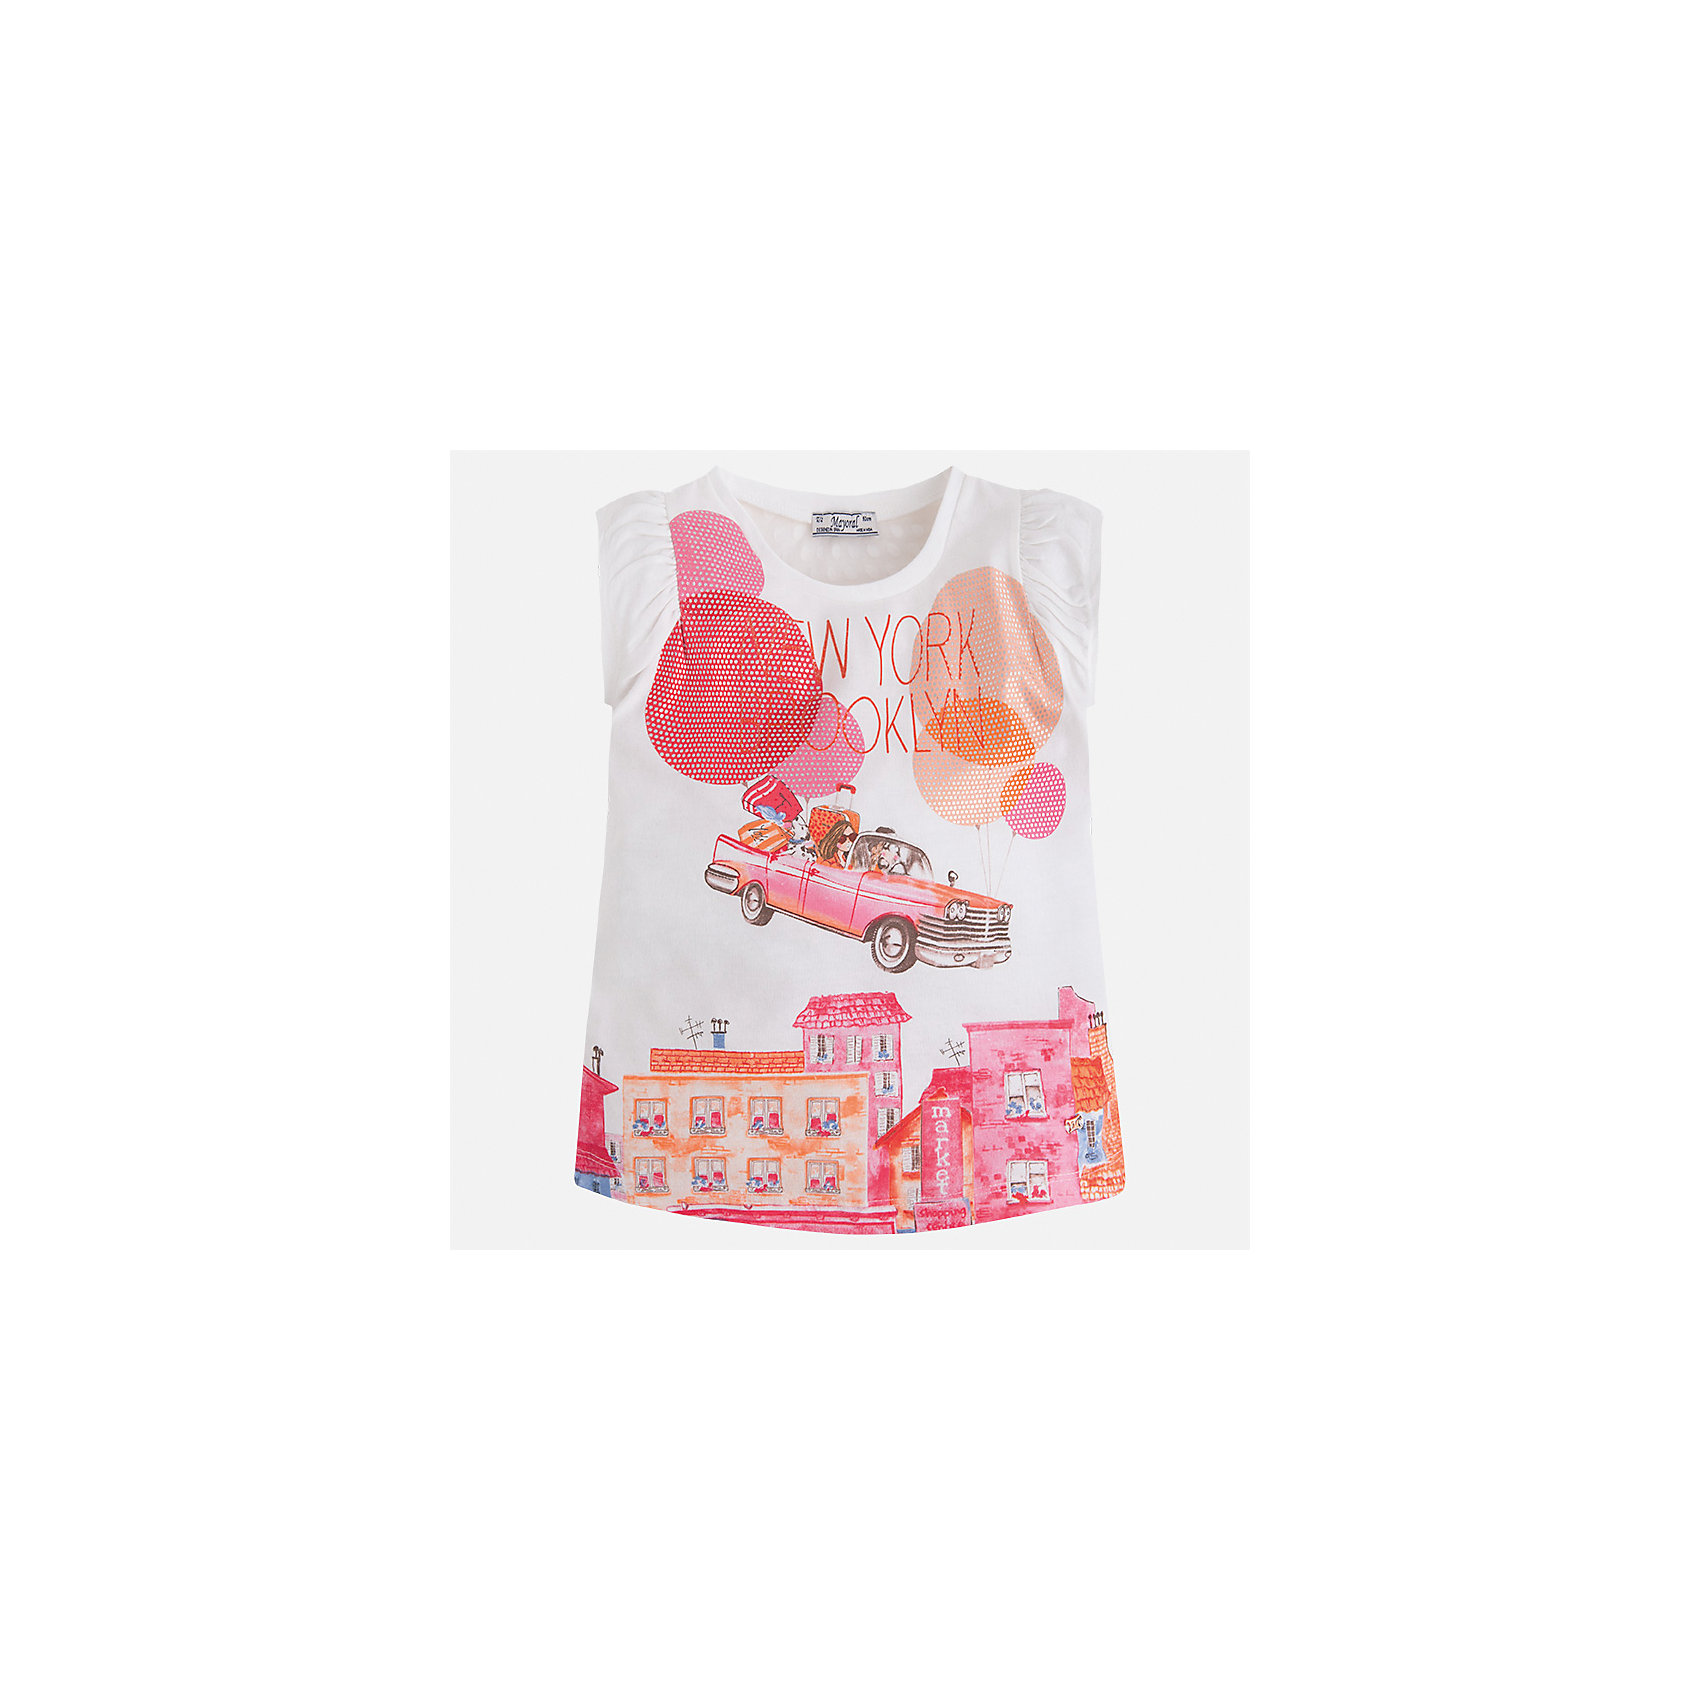 Футболка для девочки MayoralФутболки, поло и топы<br>Характеристики товара:<br><br>• цвет: белый/розовый<br>• состав: 50% хлопок, 50% полиэстер<br>• эластичный материал<br>• декорирована принтом<br>• расширена снизу<br>• присборены плечи<br>• округлый горловой вырез<br>• страна бренда: Испания<br><br>Стильная качественная футболка для девочки поможет разнообразить гардероб ребенка и украсить наряд. Она отлично сочетается и с юбками, и с шортами, и с брюками. Универсальный цвет позволяет подобрать к вещи низ практически любой расцветки. Интересная отделка модели делает её нарядной и оригинальной. В составе материала есть натуральный хлопок, гипоаллергенный, приятный на ощупь, дышащий.<br><br>Одежда, обувь и аксессуары от испанского бренда Mayoral полюбились детям и взрослым по всему миру. Модели этой марки - стильные и удобные. Для их производства используются только безопасные, качественные материалы и фурнитура. Порадуйте ребенка модными и красивыми вещами от Mayoral! <br><br>Футболку для девочки от испанского бренда Mayoral (Майорал) можно купить в нашем интернет-магазине.<br><br>Ширина мм: 199<br>Глубина мм: 10<br>Высота мм: 161<br>Вес г: 151<br>Цвет: розовый<br>Возраст от месяцев: 96<br>Возраст до месяцев: 108<br>Пол: Женский<br>Возраст: Детский<br>Размер: 134,92,98,104,110,116,122,128<br>SKU: 5289587